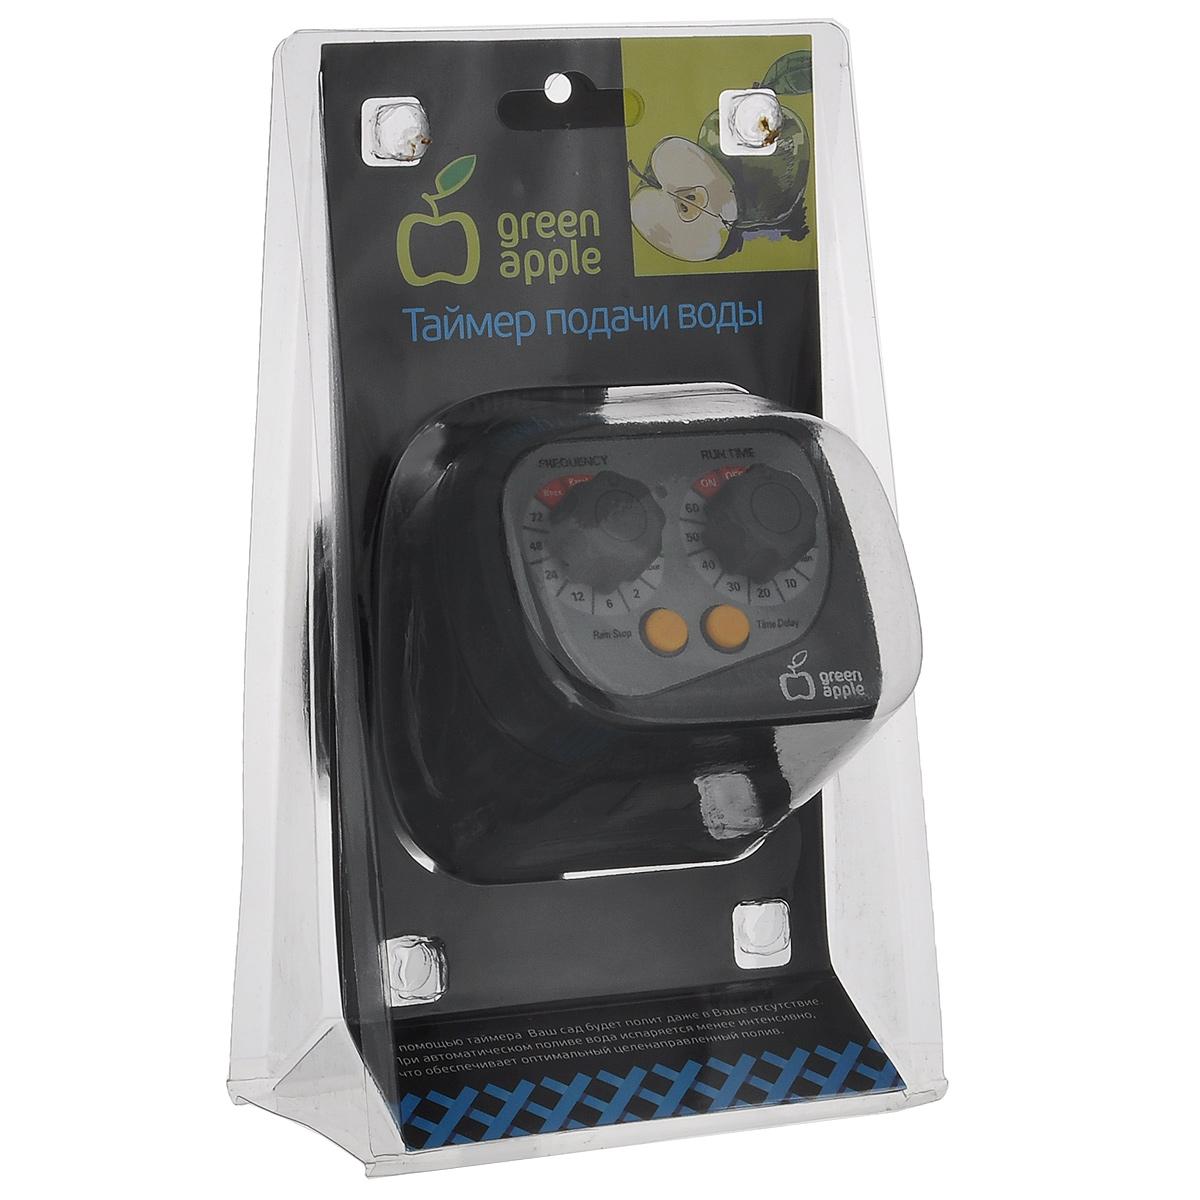 Таймер для подачи воды Green Apple, с механическим дисплеем, цвет: серыйGWTE5-068С помощью таймера Green Apple ваш сад будет полит даже в ваше отсутствие.При автоматическом поливе вода испаряется менее интенсивно, что обеспечивает оптимальный целенаправленный полив. Таймер снабжен механическим управлением для автоматизации полива с возможностью программирования частоты включения и времени подачи воды. Размер таймера: 9 см х 15 см х 8 см.Частота полива: 1 минута - 72 часа; неделя.Время работы: 5 секунд - 60 минут; бесконечно.